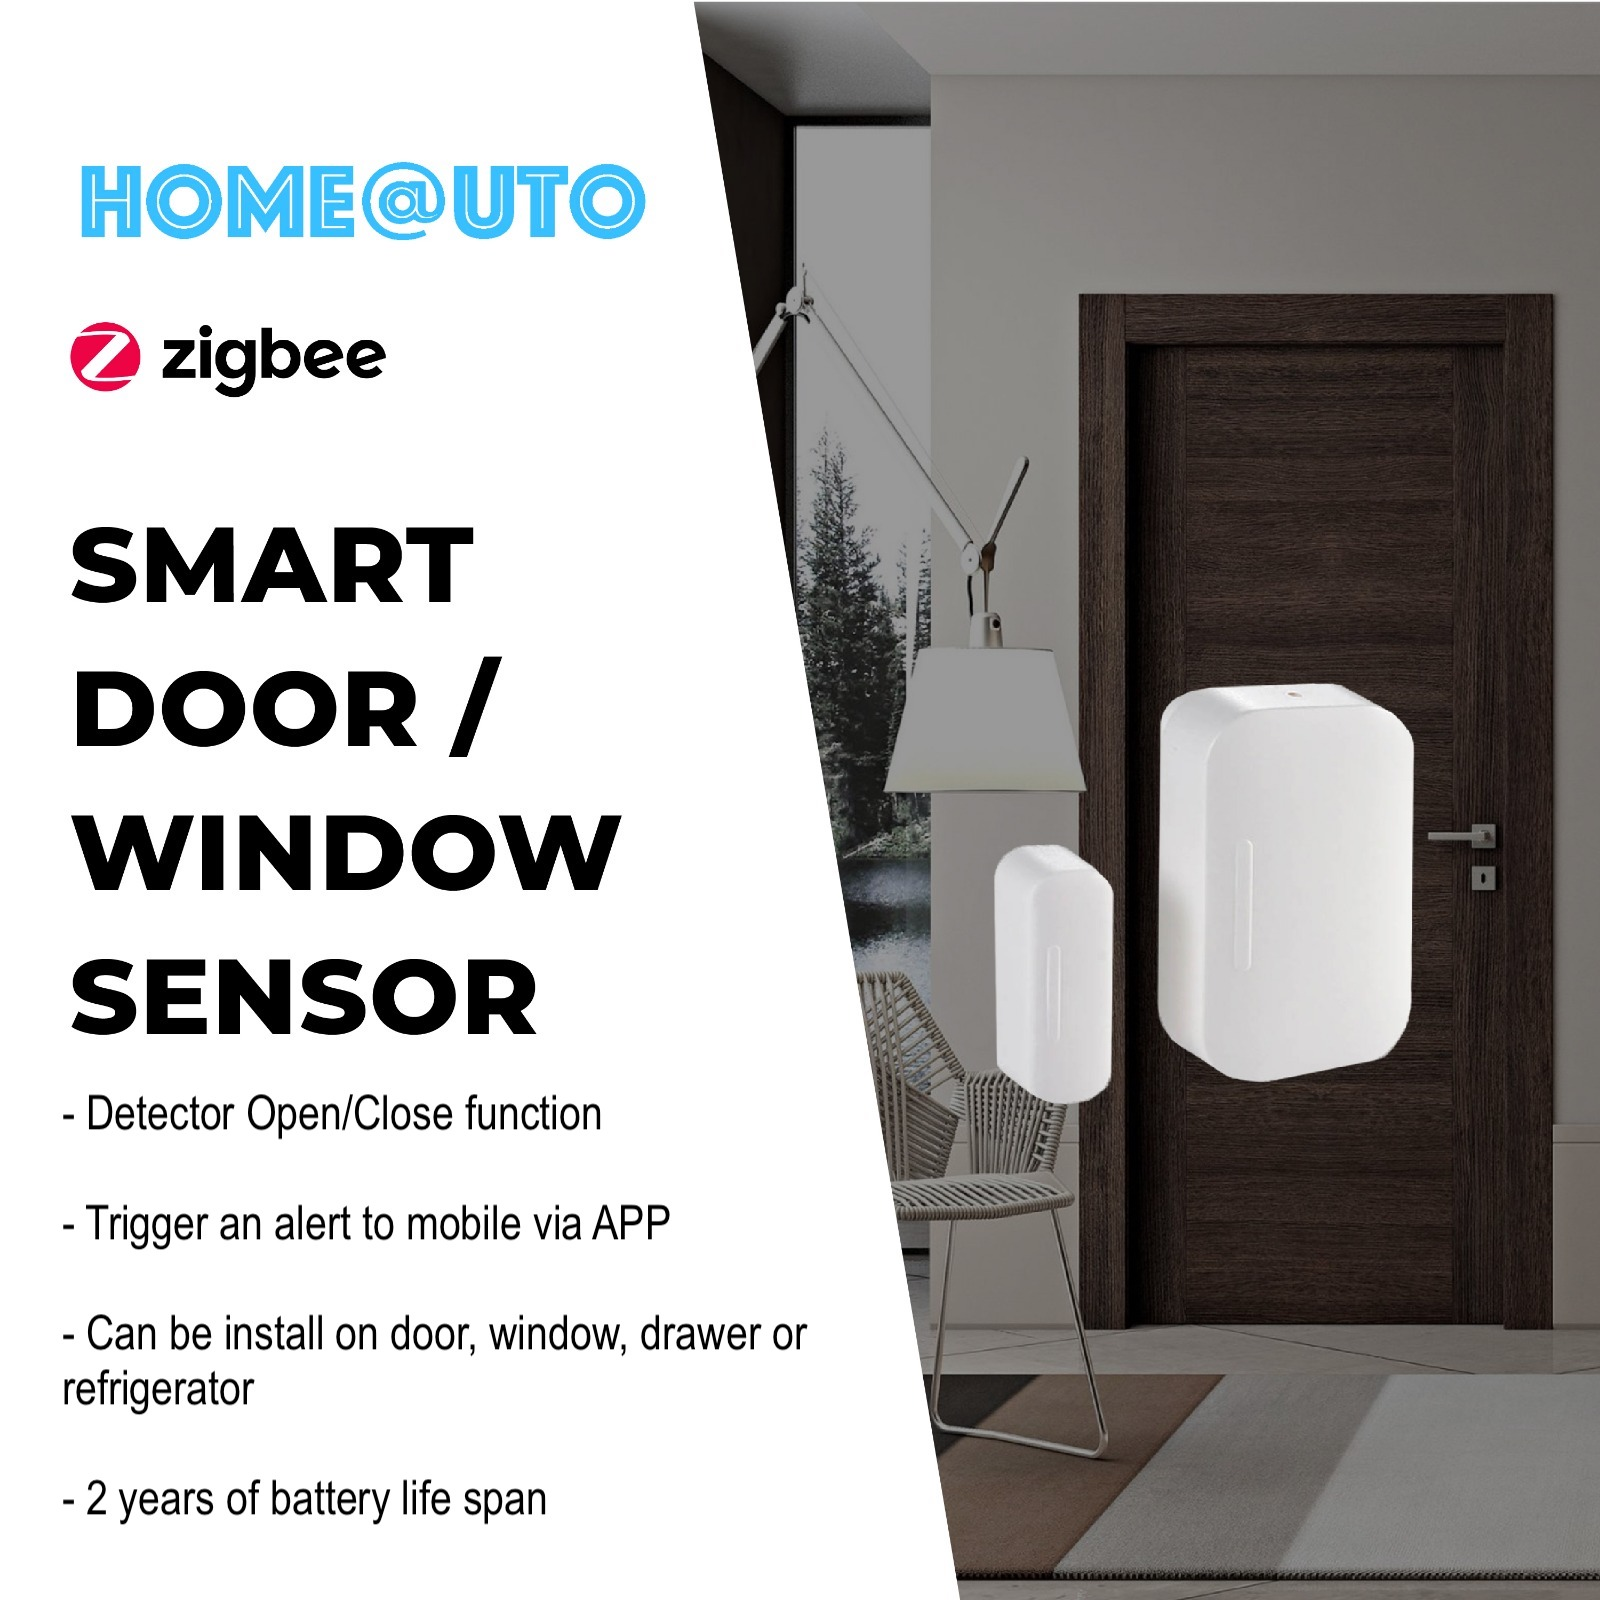 ZIGBEE WINDOW/DOOR SENSOR